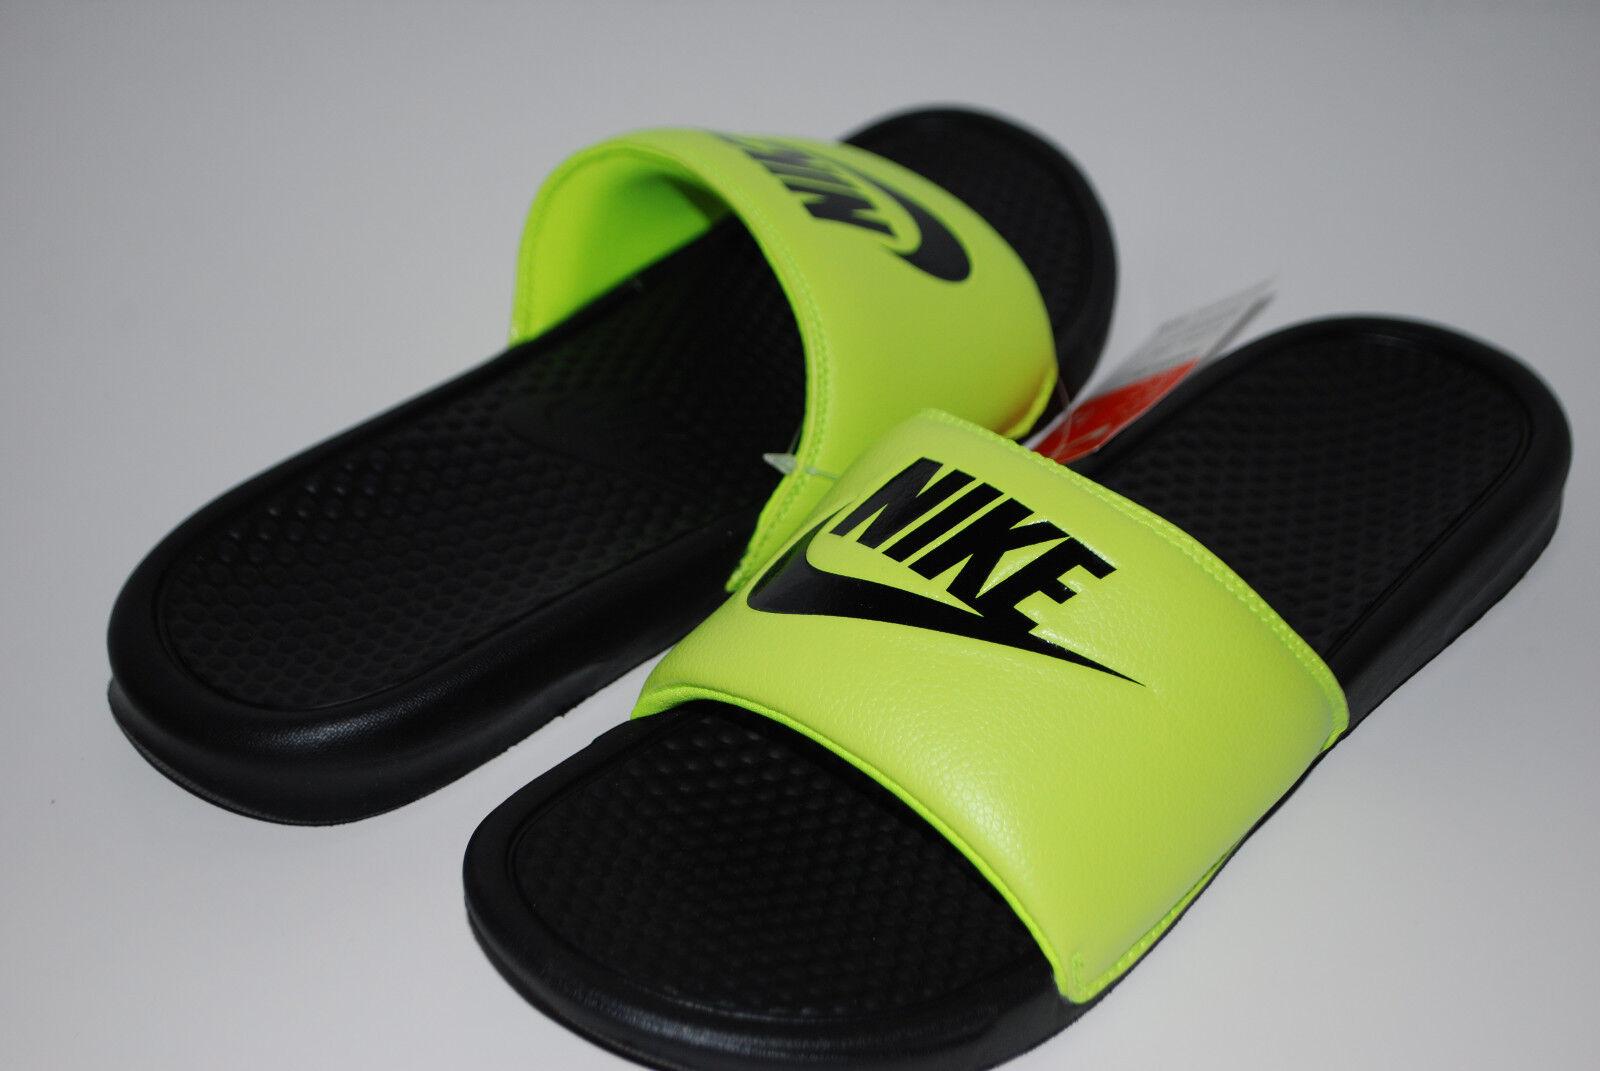 Nwt nike benassi 2 jdi jdi jdi sbaffo bianco nero volt 9 10 11 12 13 scarpa sandali diapositive | a prezzi accessibili  | Ufficiale  a68c33